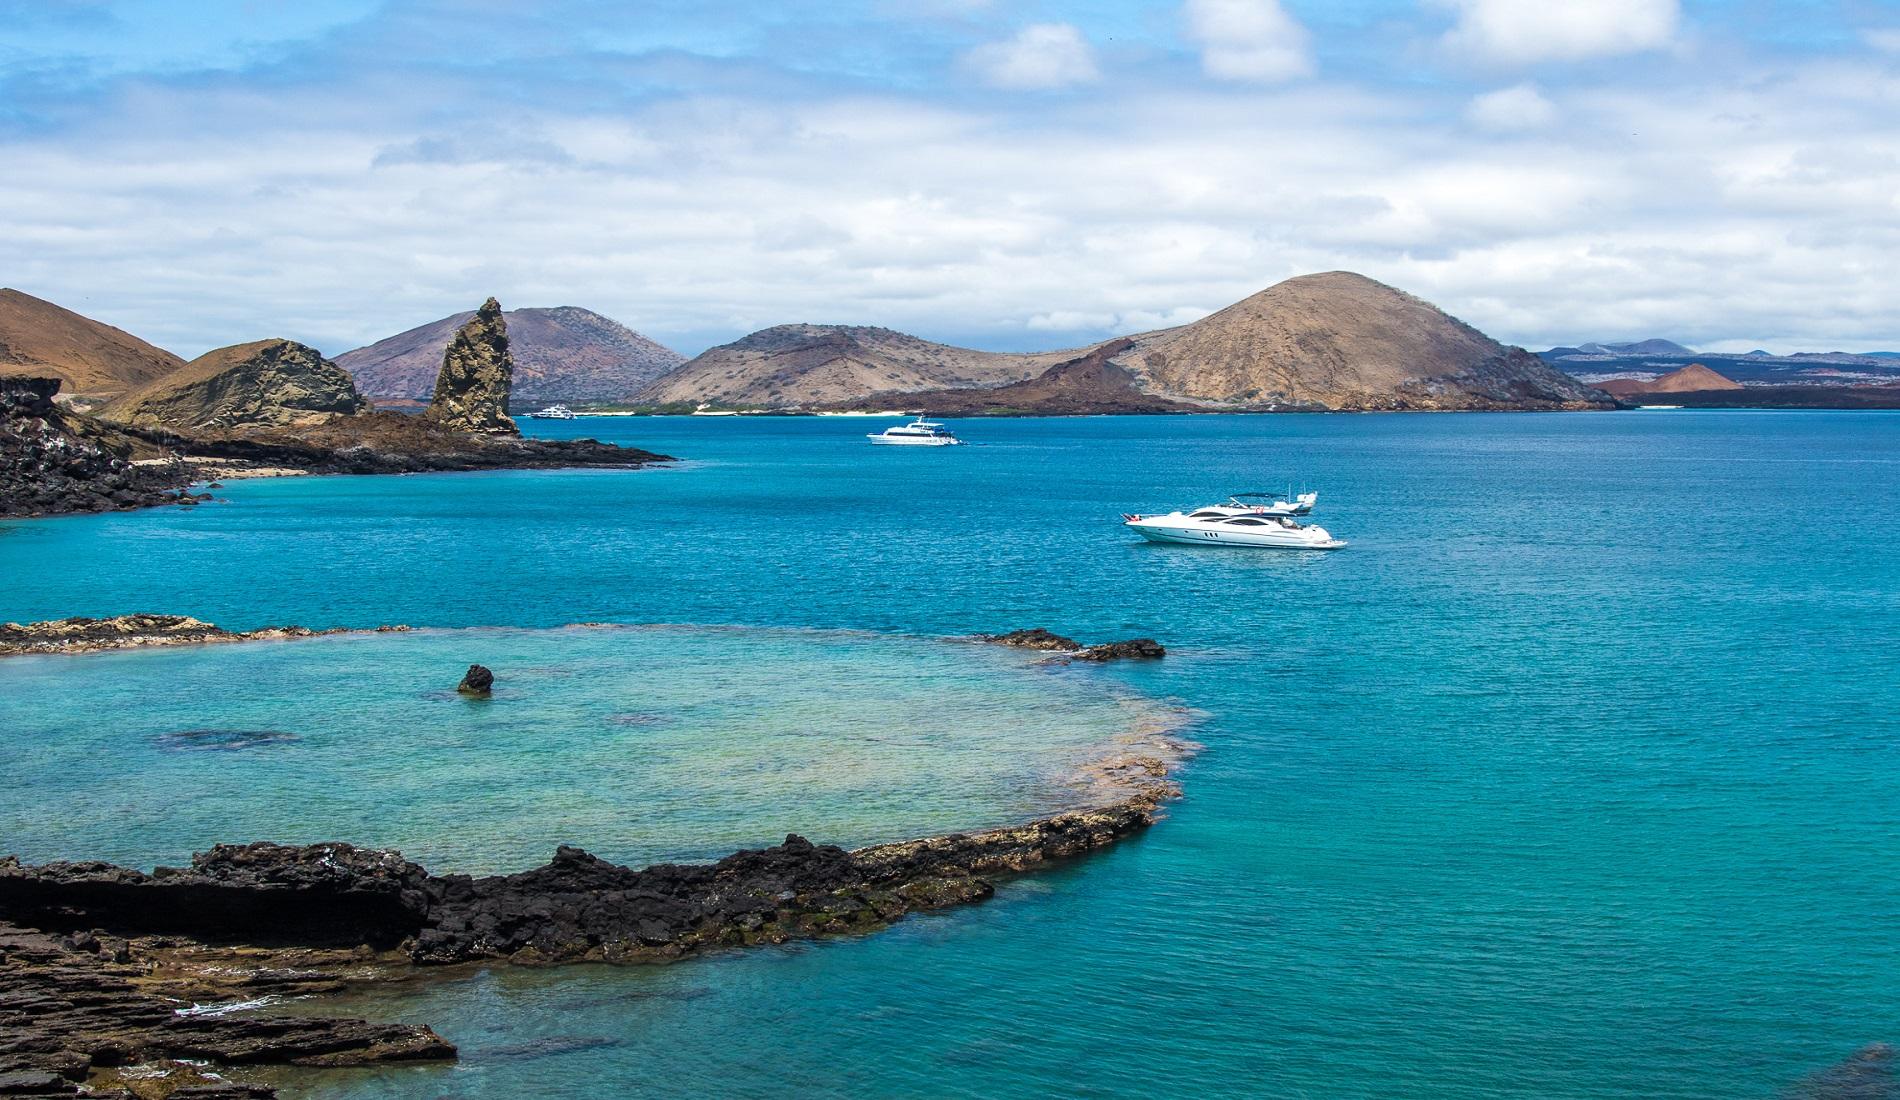 rondreis Galapagos eilanden Bartolome & Sullivan Bay